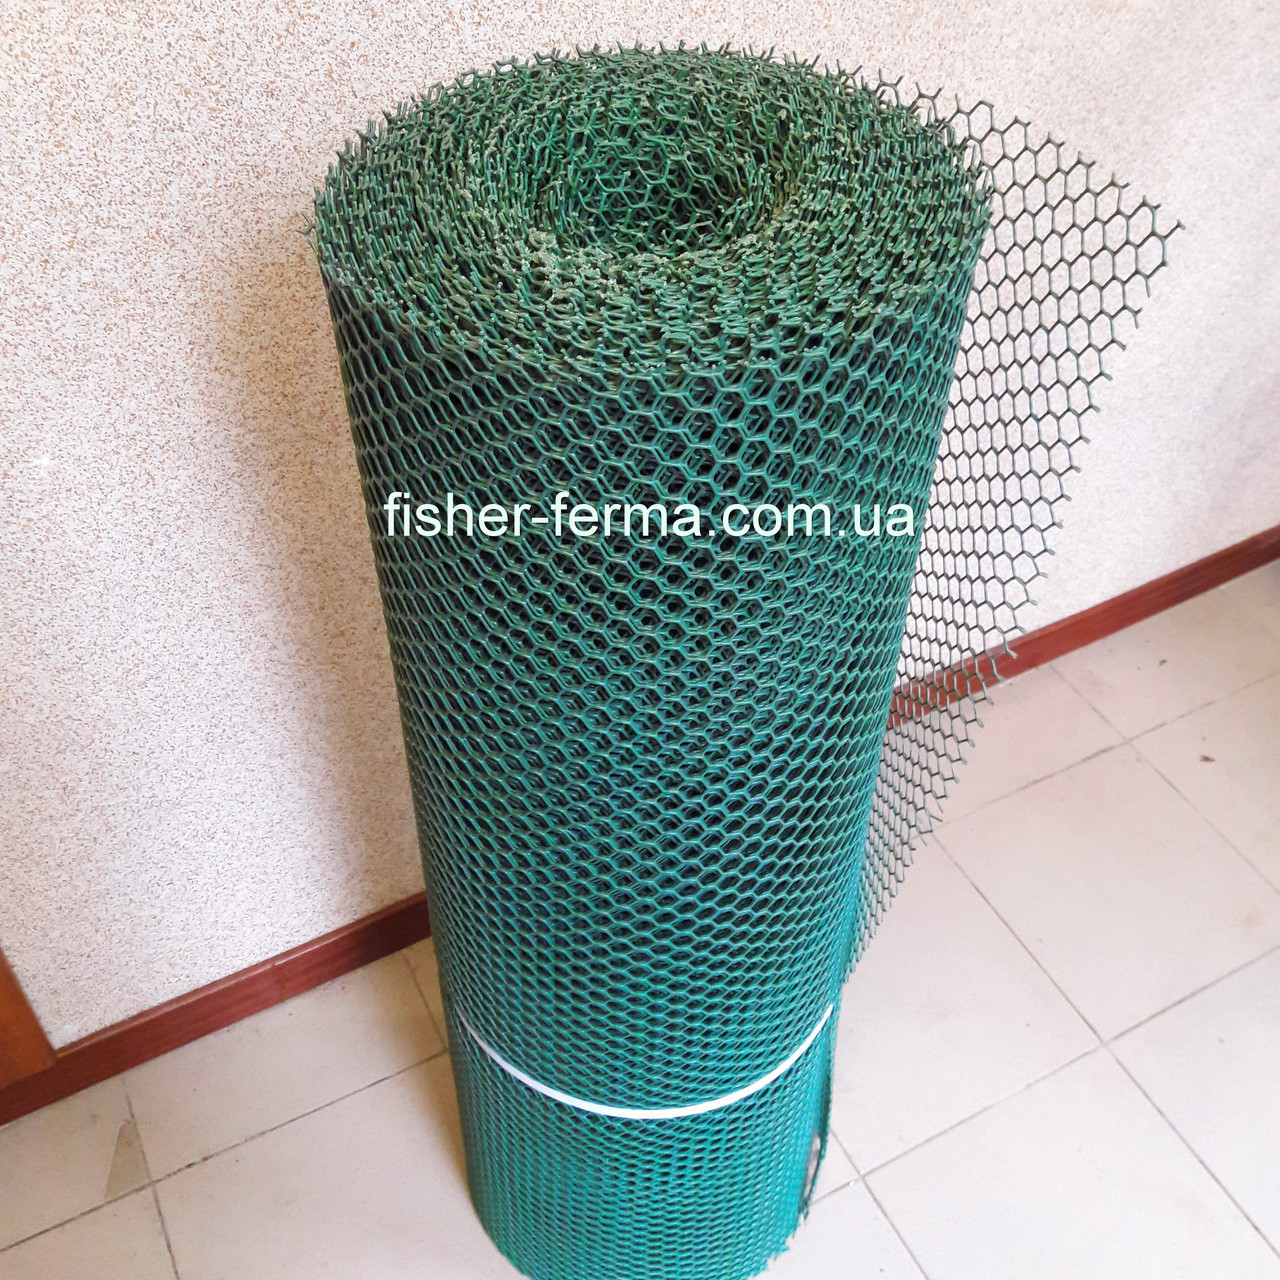 20х20х2мм - пластиковая сетка  (1х25 метров) - для ограждений